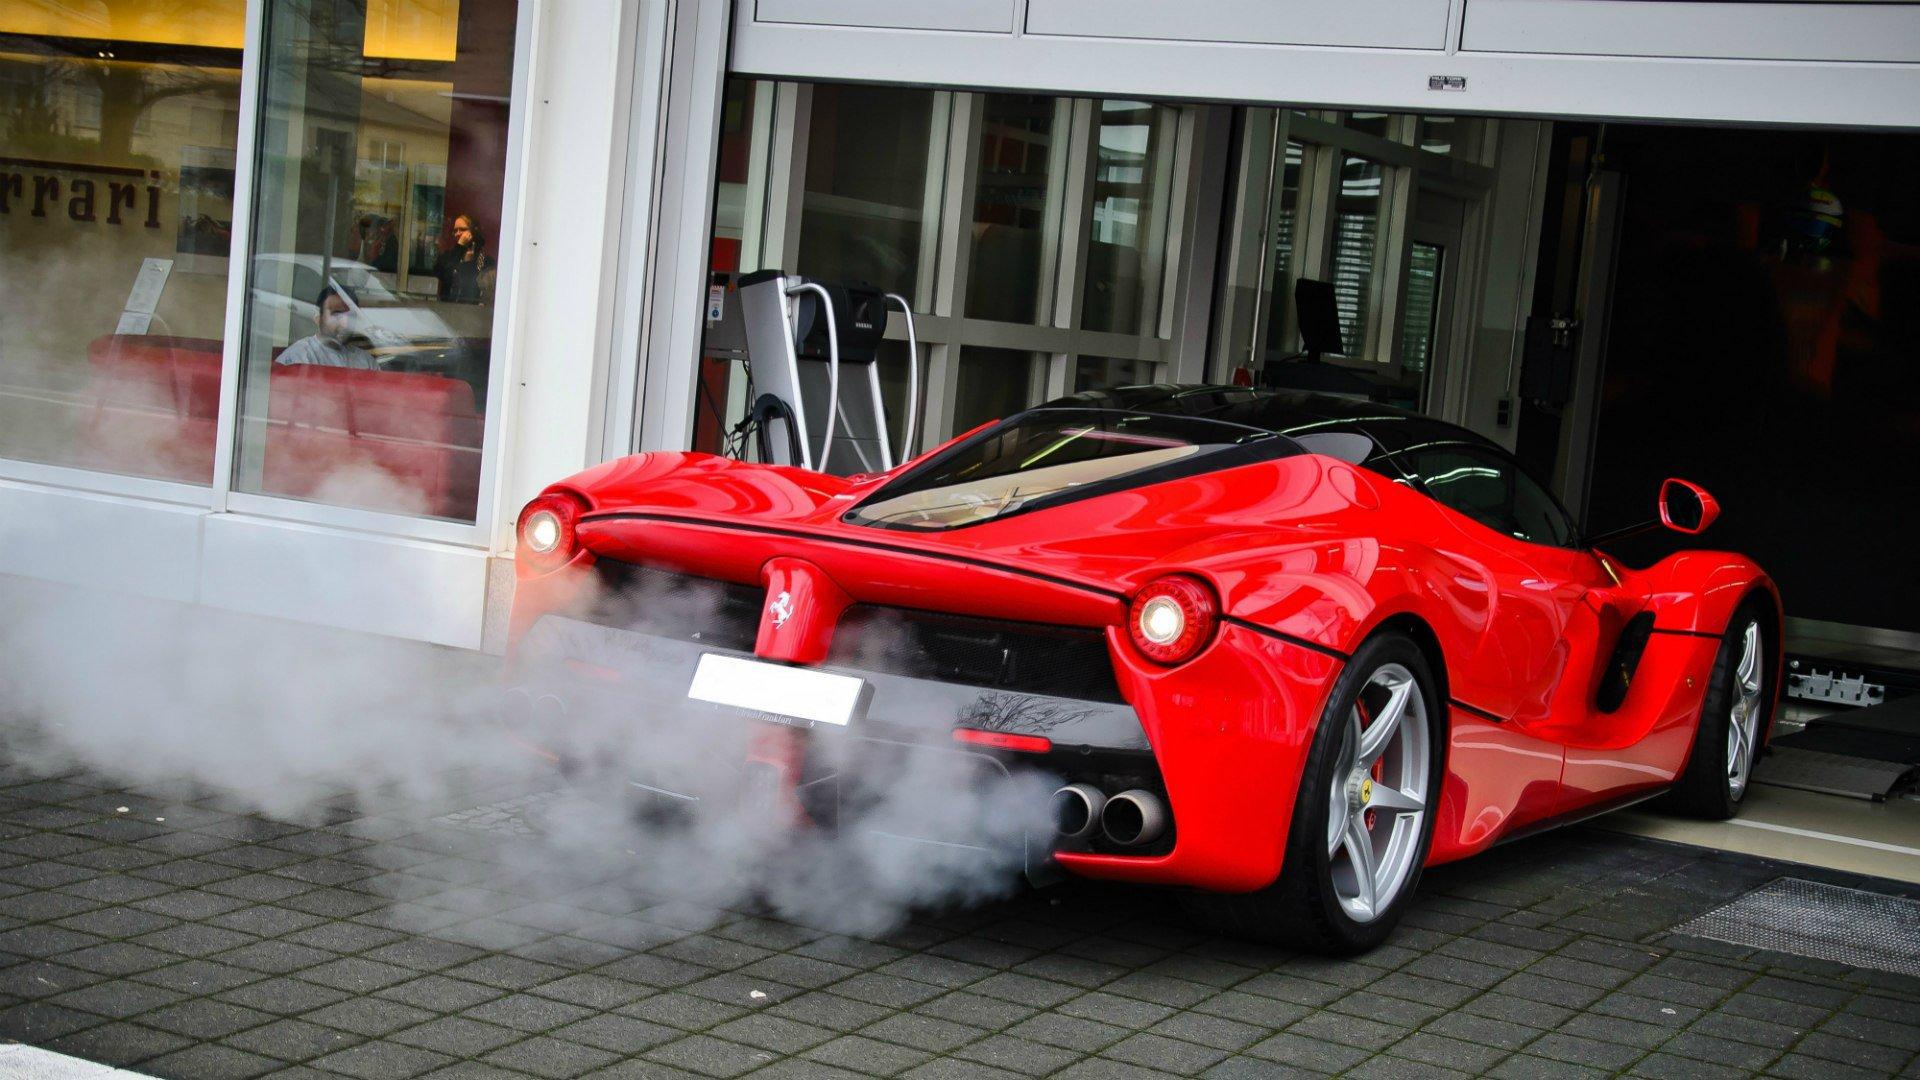 زيادة استهلاك الوقود و انبعاث روائح من عادم السياره دليل على احد الاعطال التاليه